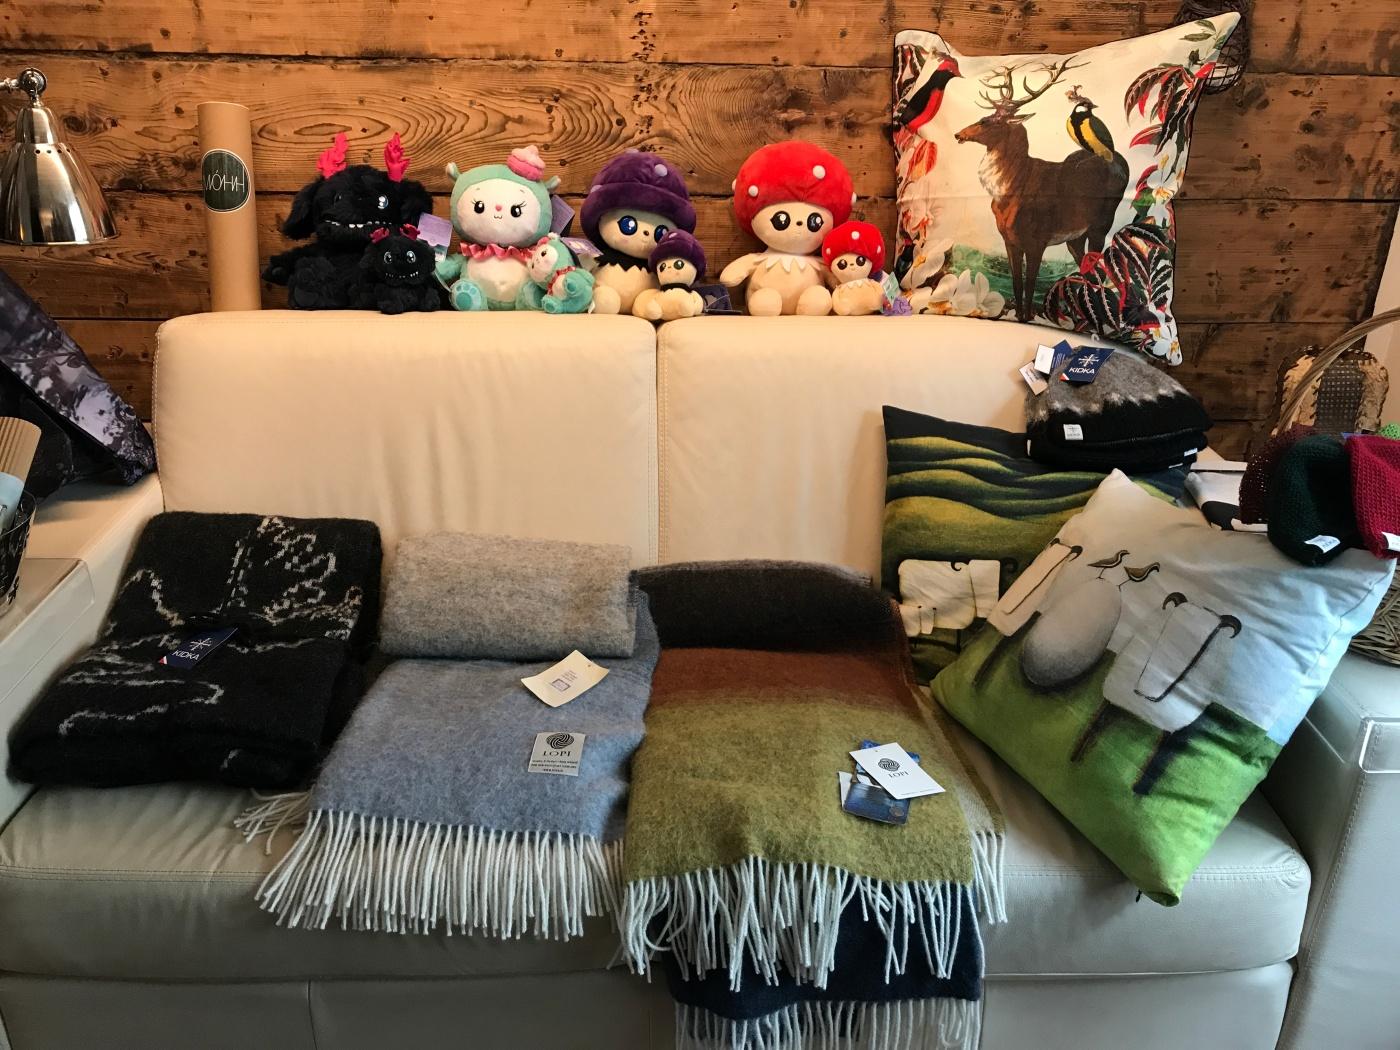 Shop Her Living Room - Blóðberg Icelandic Designs in Seyðisfjörður, Iceland